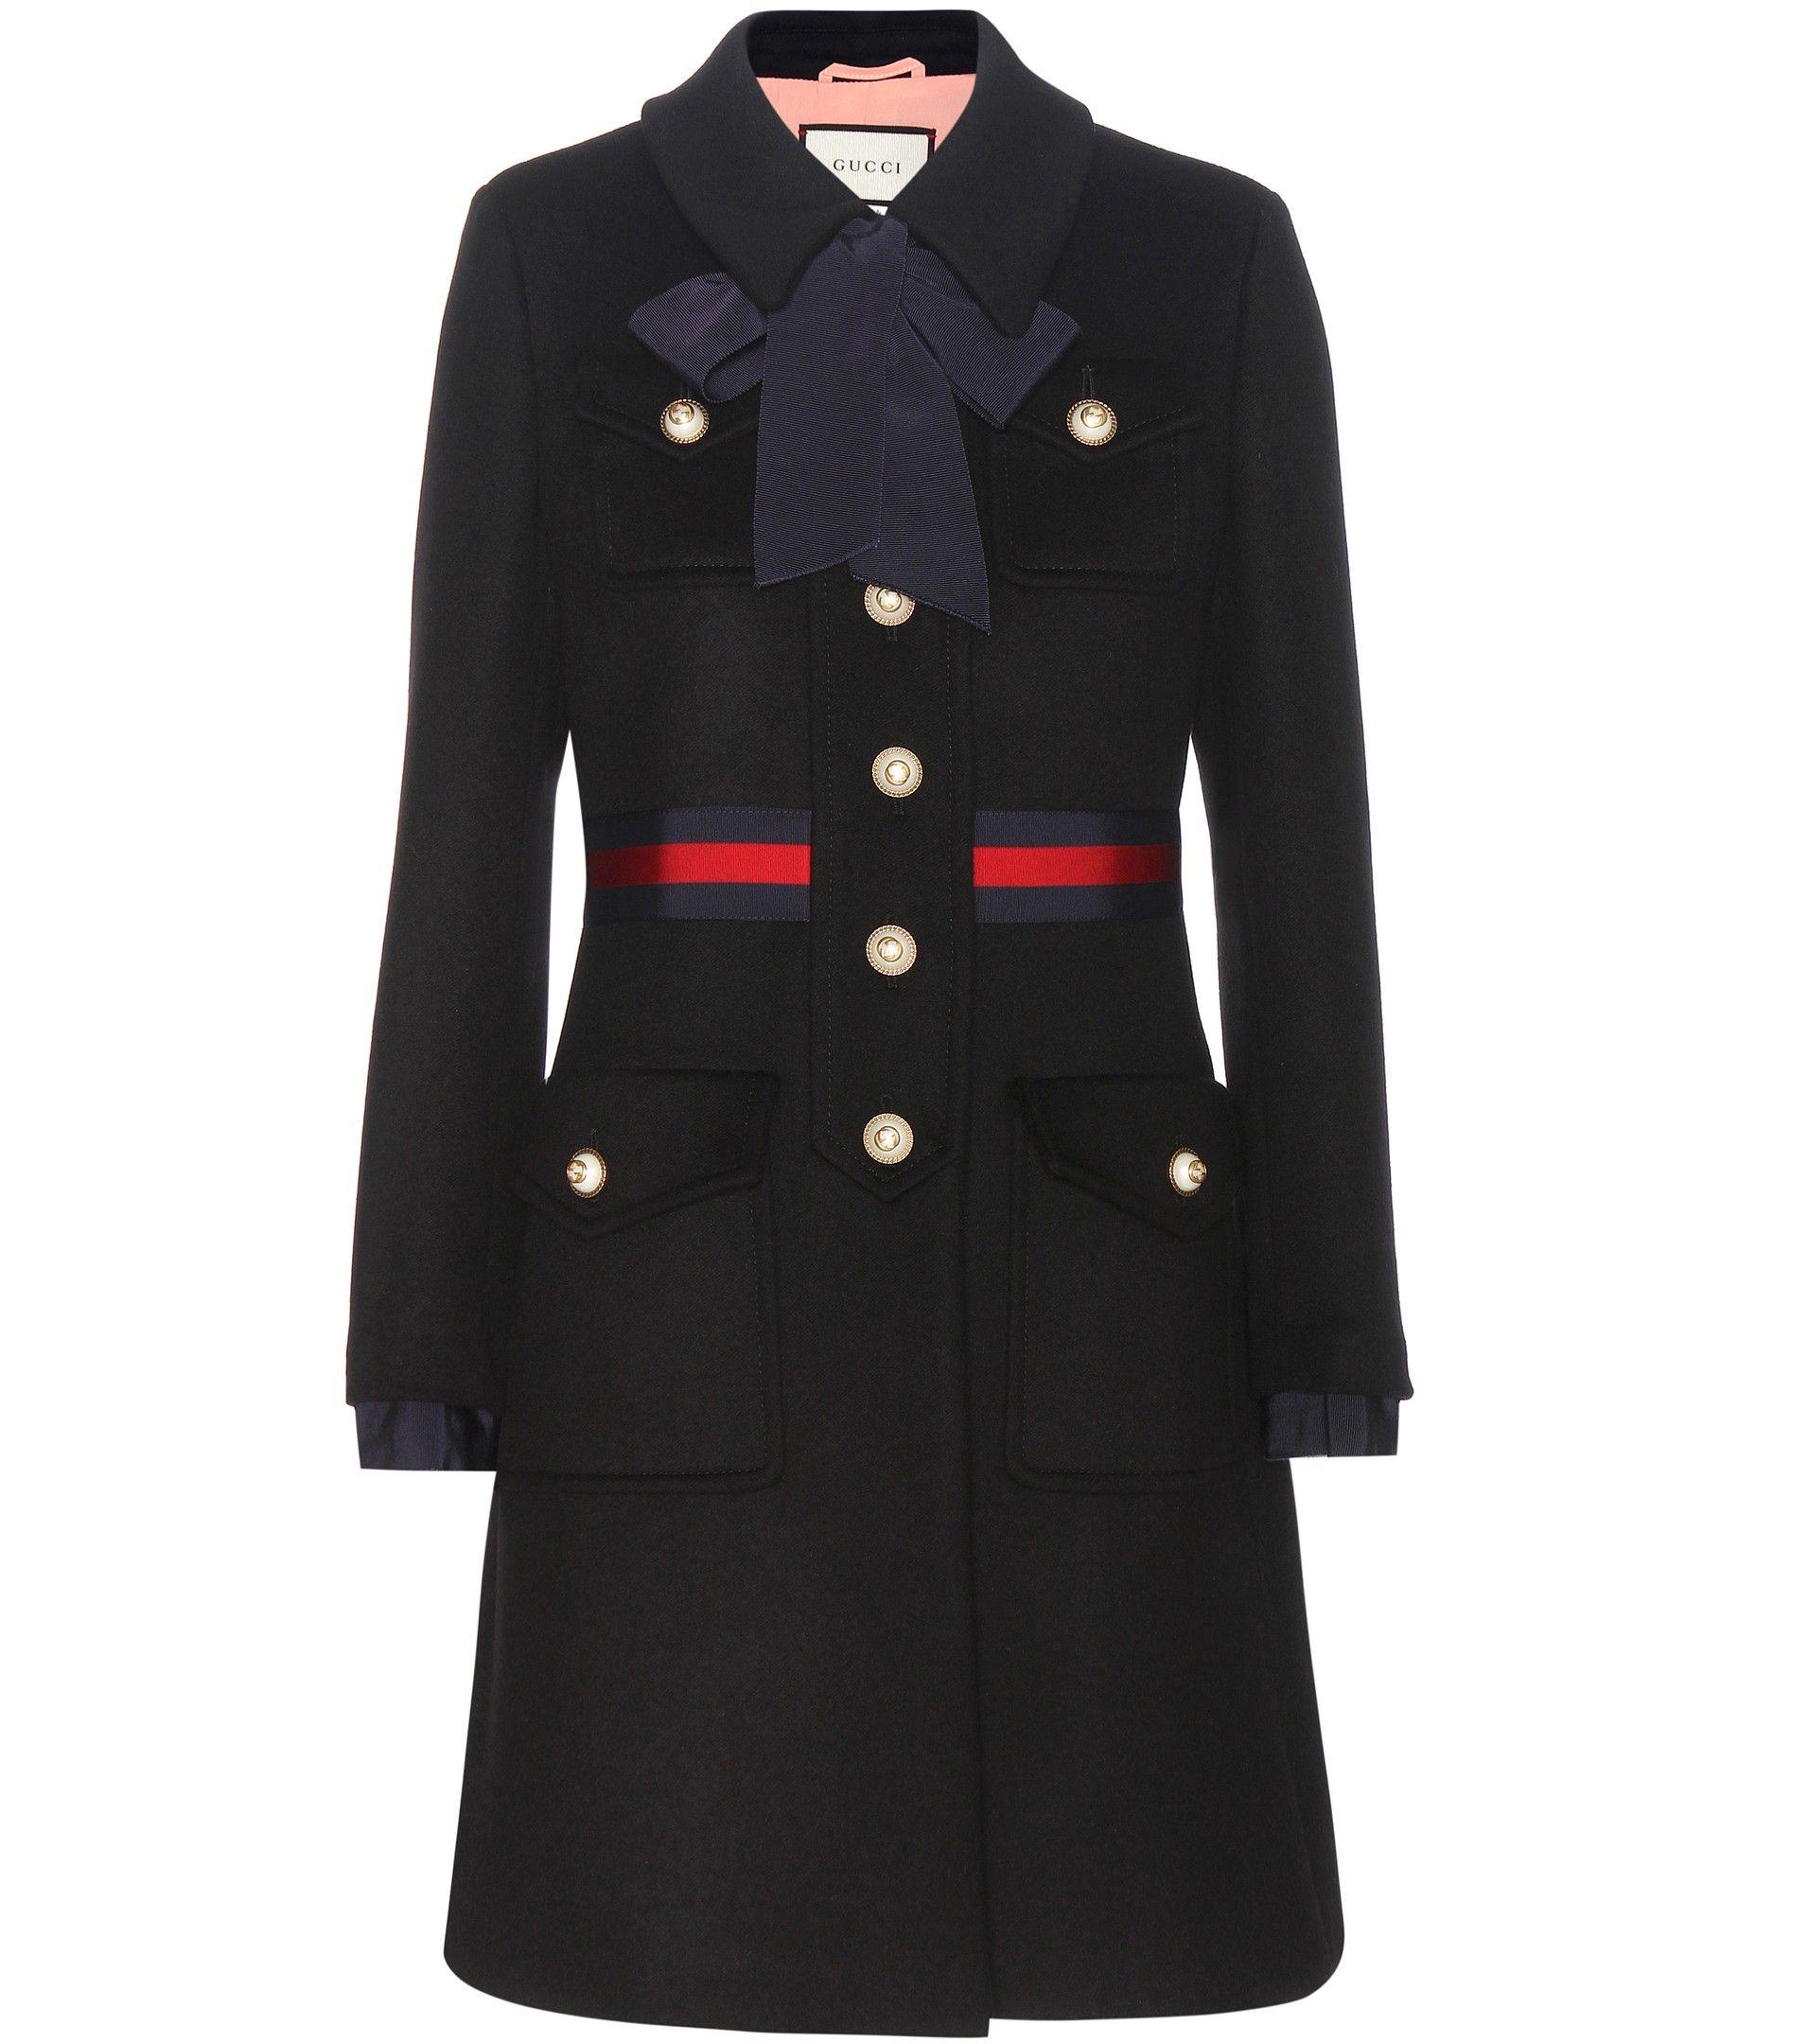 mytheresa.com - Manteau en laine - Gucci - Créateurs - Luxe et Mode pour  femme - Vêtements, chaussures et sacs de créateurs internationaux a4e871905c0